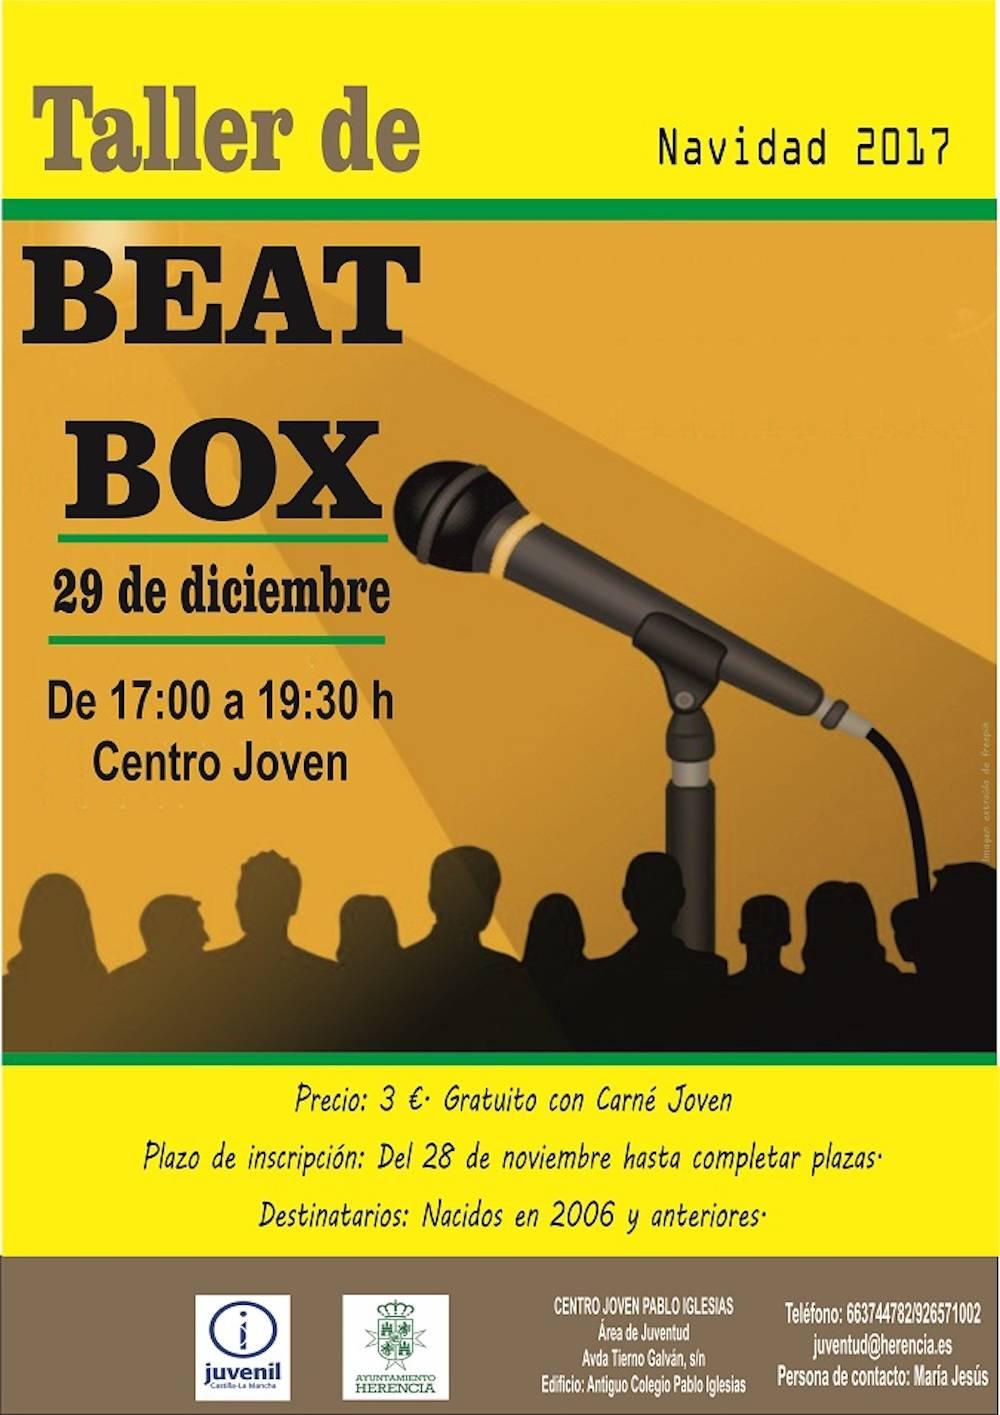 taller BeatBox - Aprende una nueva modalidad musical con el Taller de BeatBox